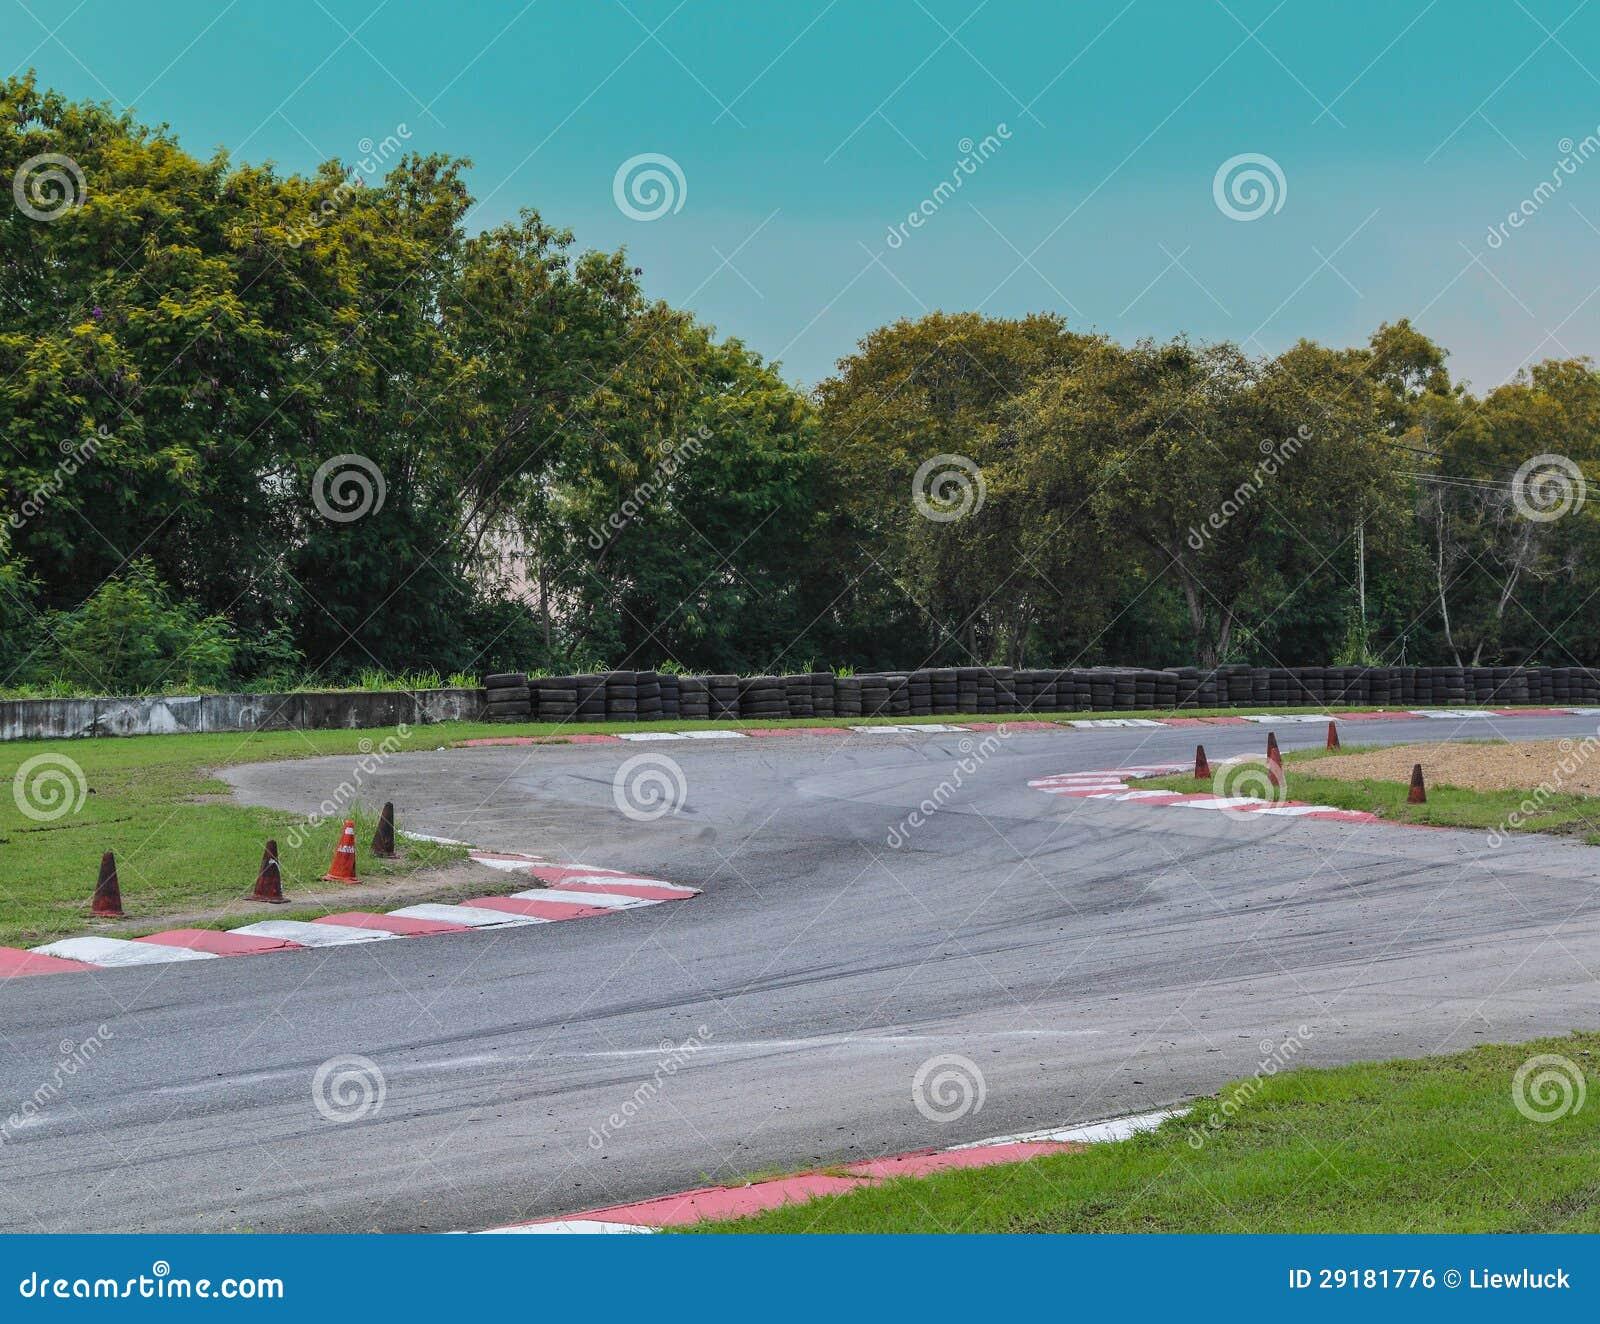 Curva del circuito de carreras